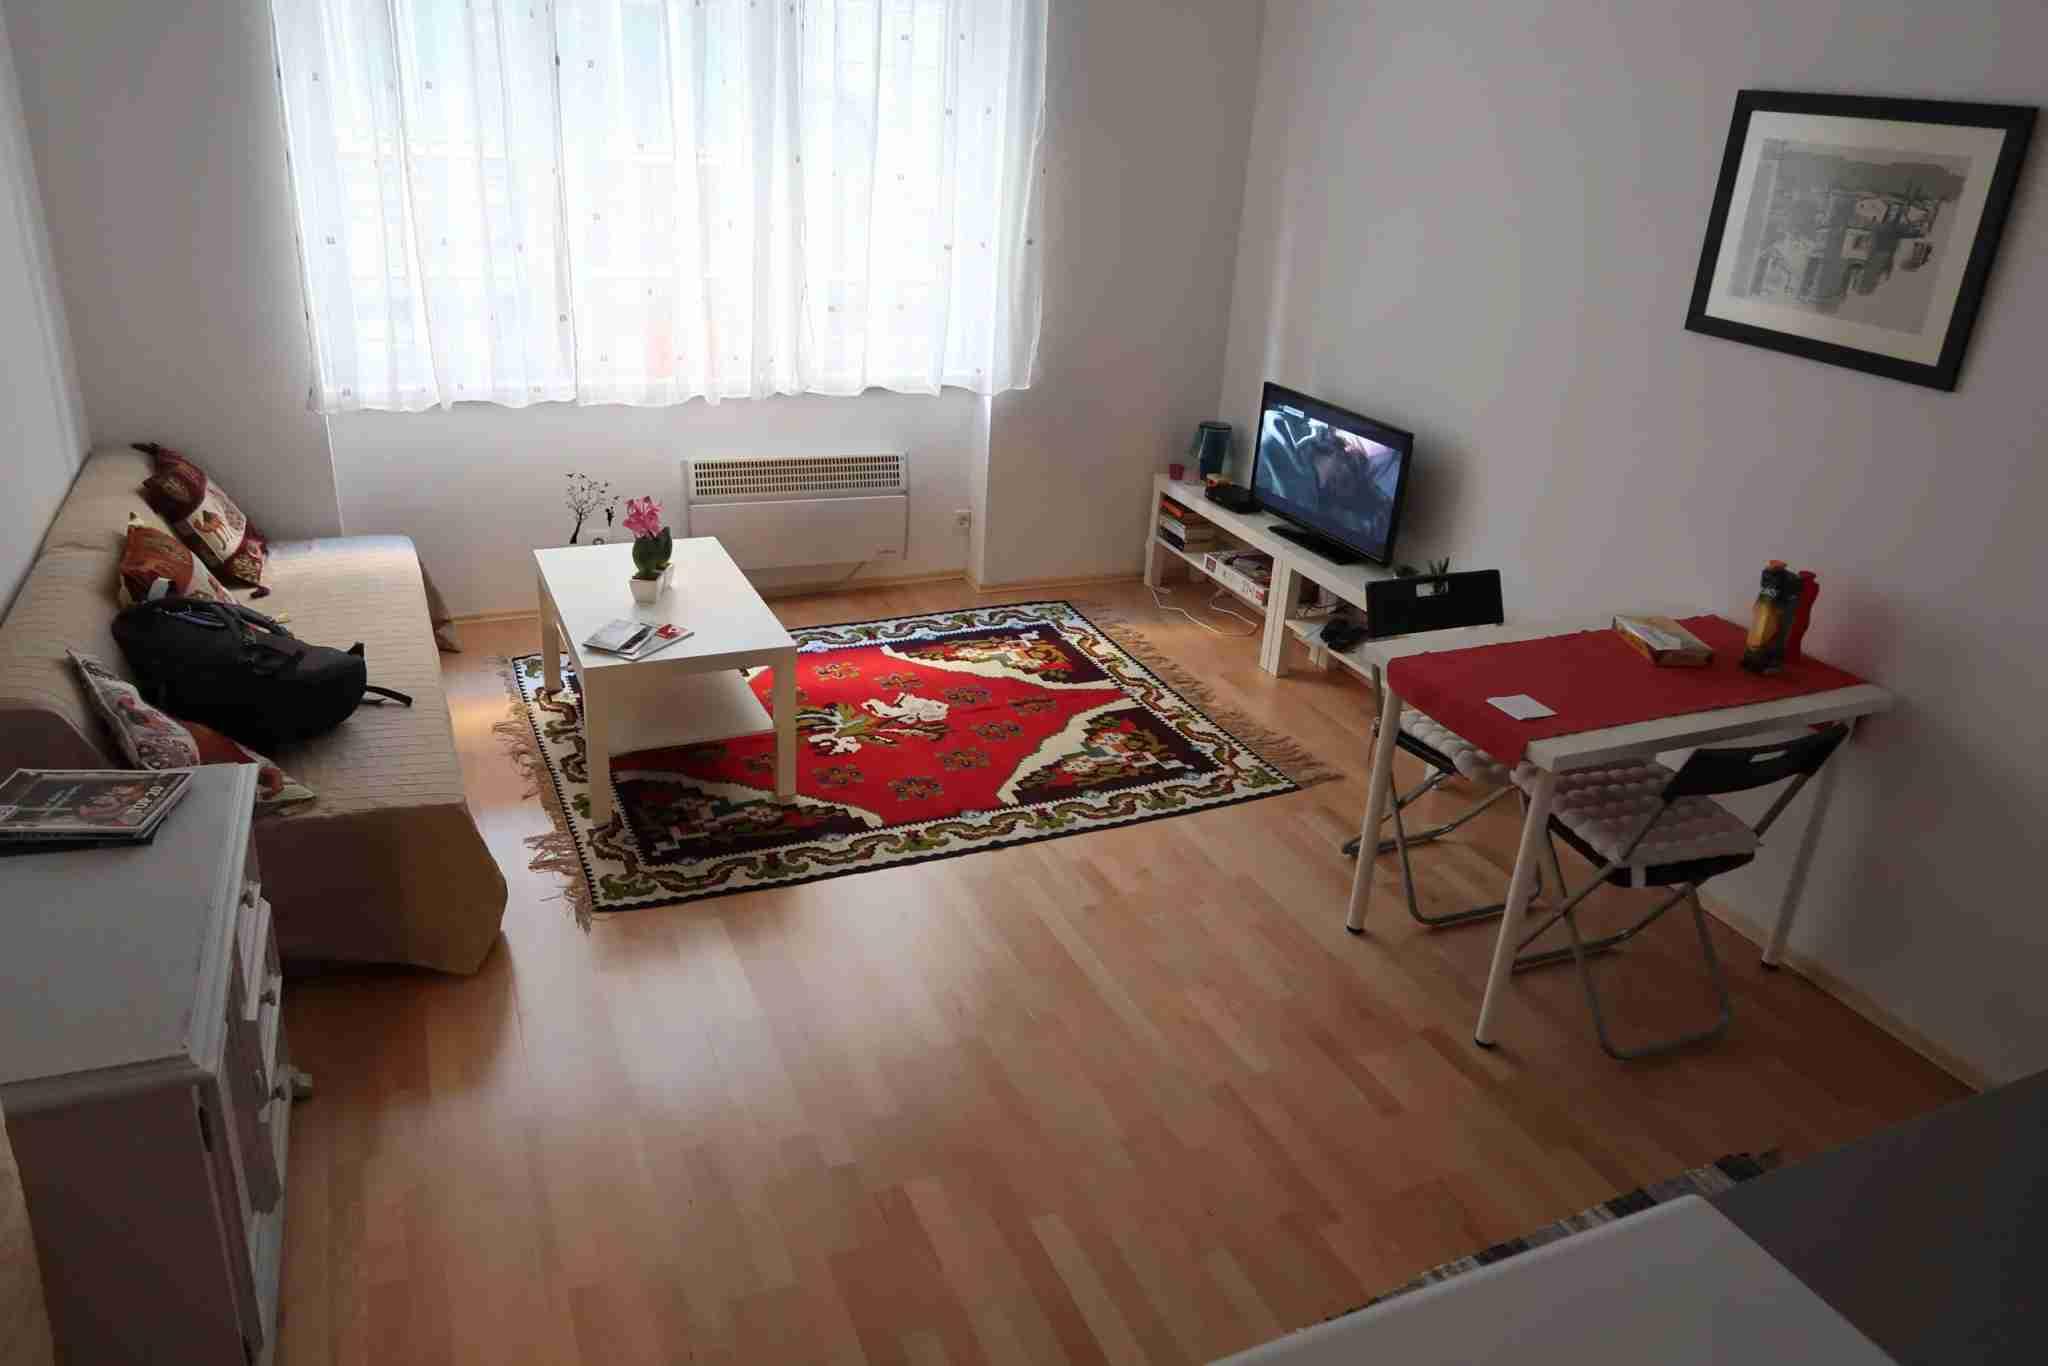 Sarajavo airbnb